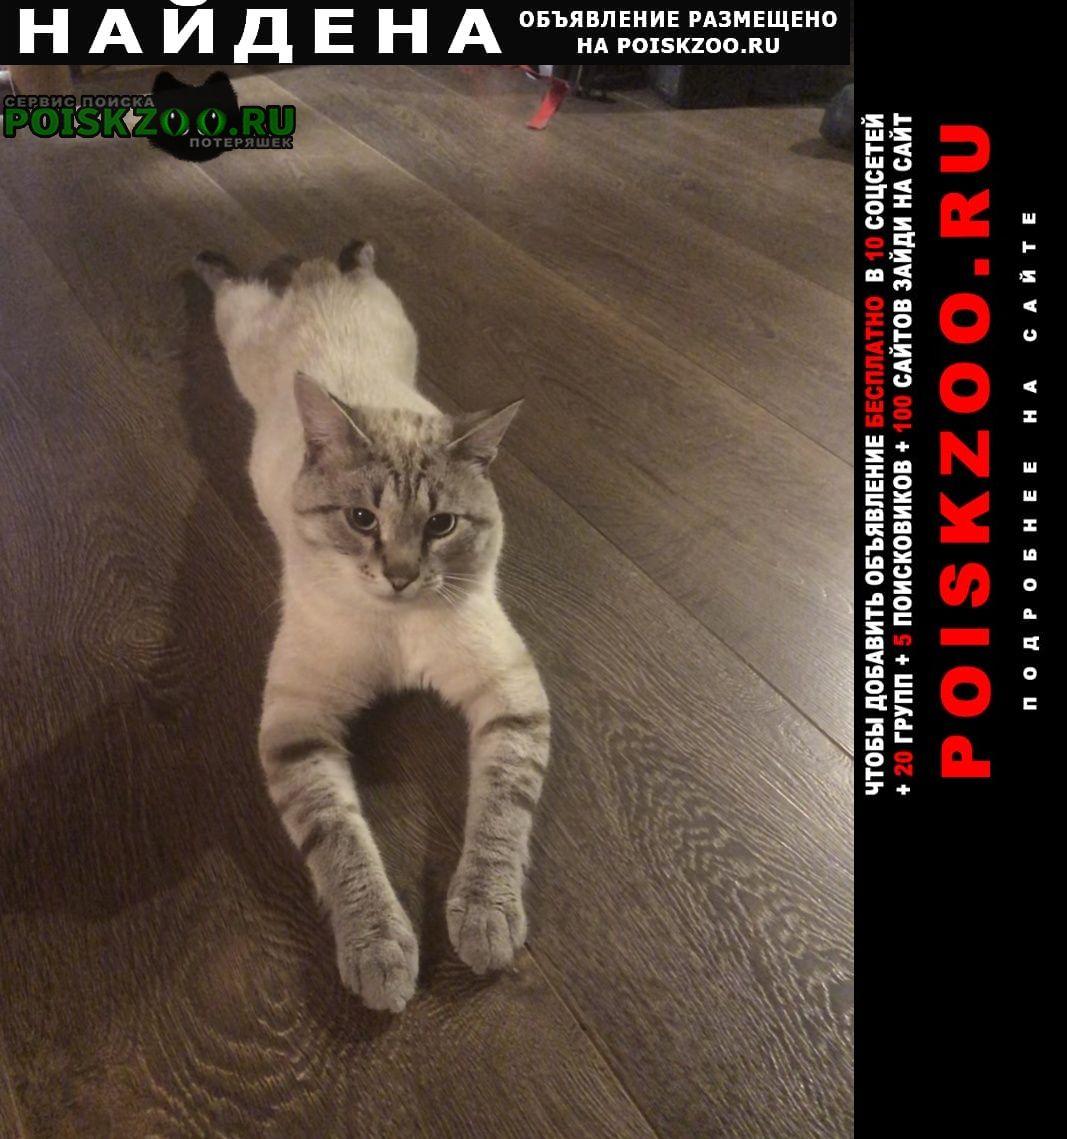 Найдена кошка нашли к деревне карытово Киржач